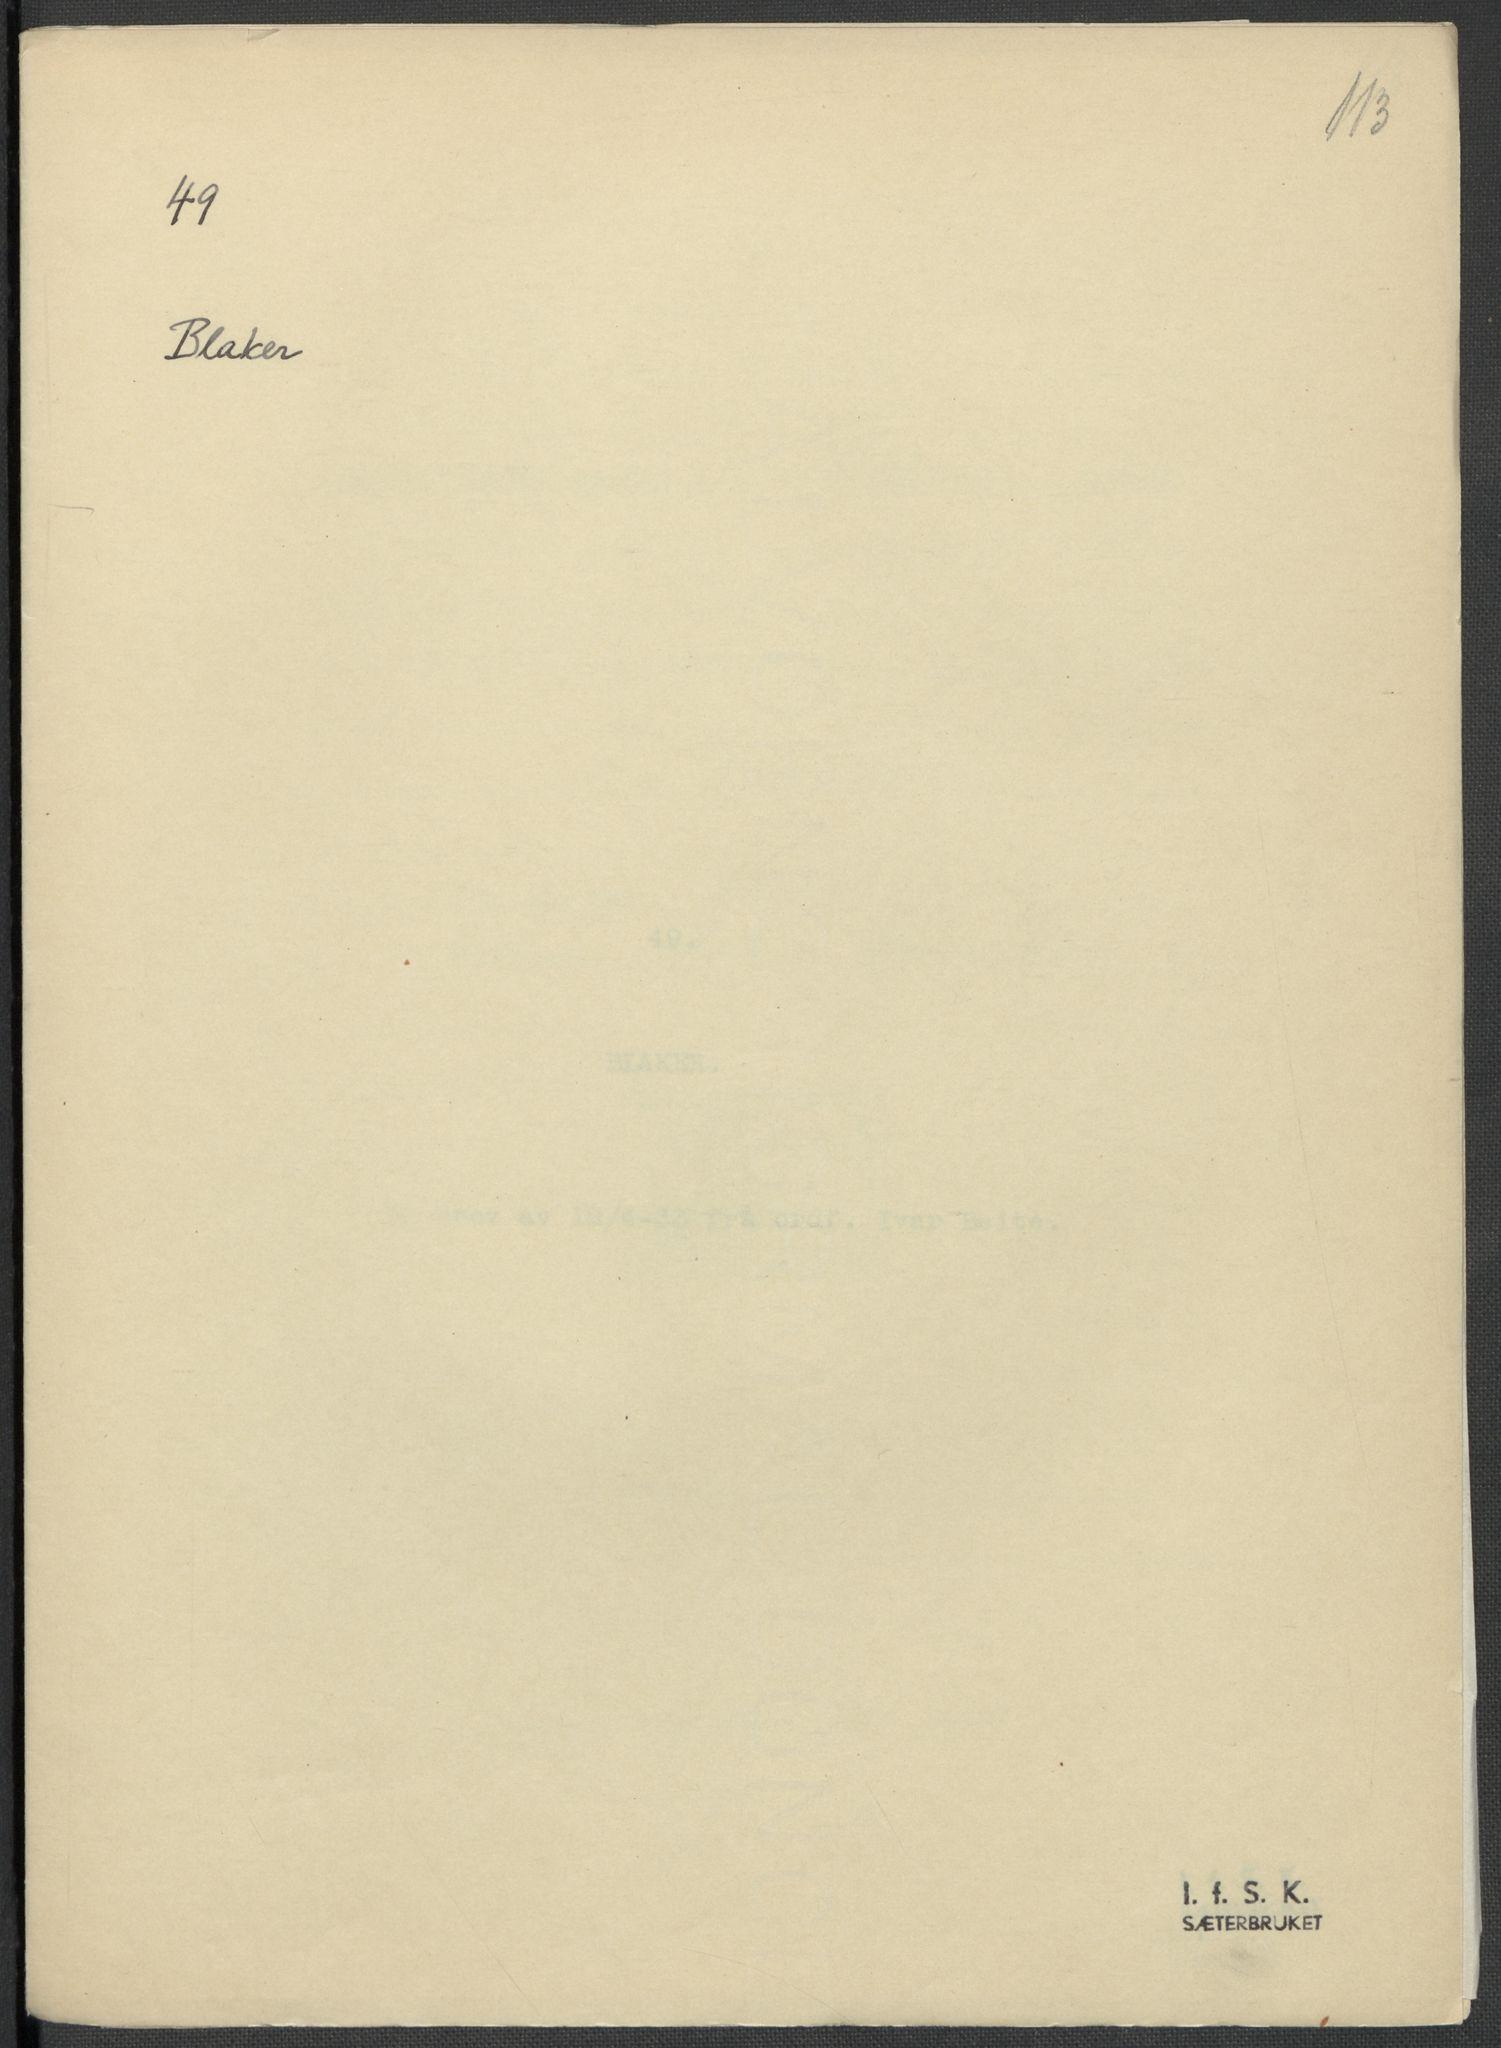 RA, Instituttet for sammenlignende kulturforskning, F/Fc/L0002: Eske B2:, 1932-1936, s. 113